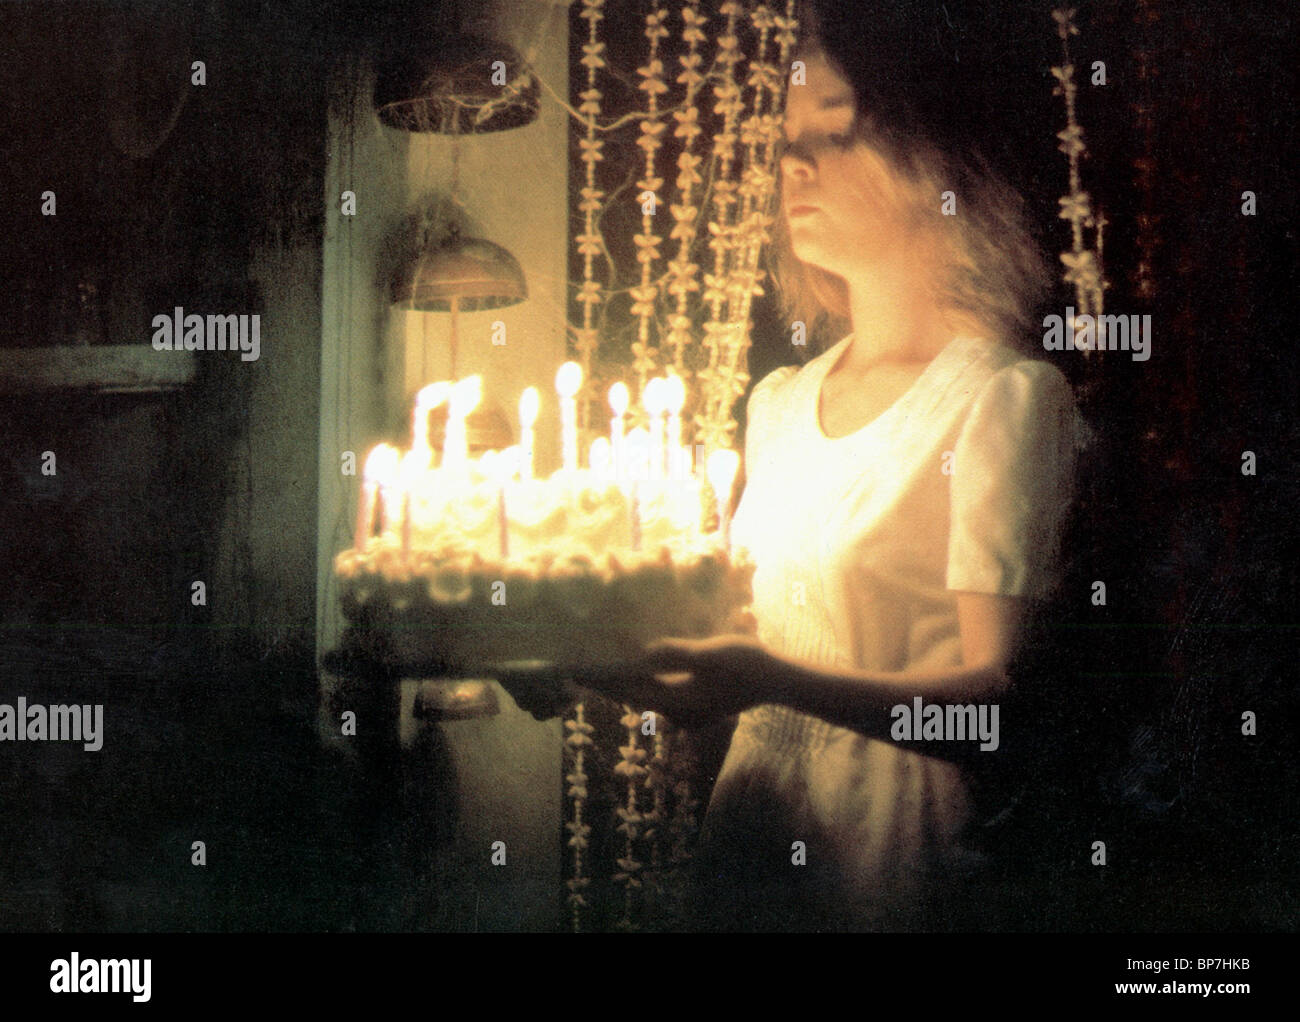 Melissa Sue Anderson Joyeux Anniversaire A Moi 1981 Banque D Images